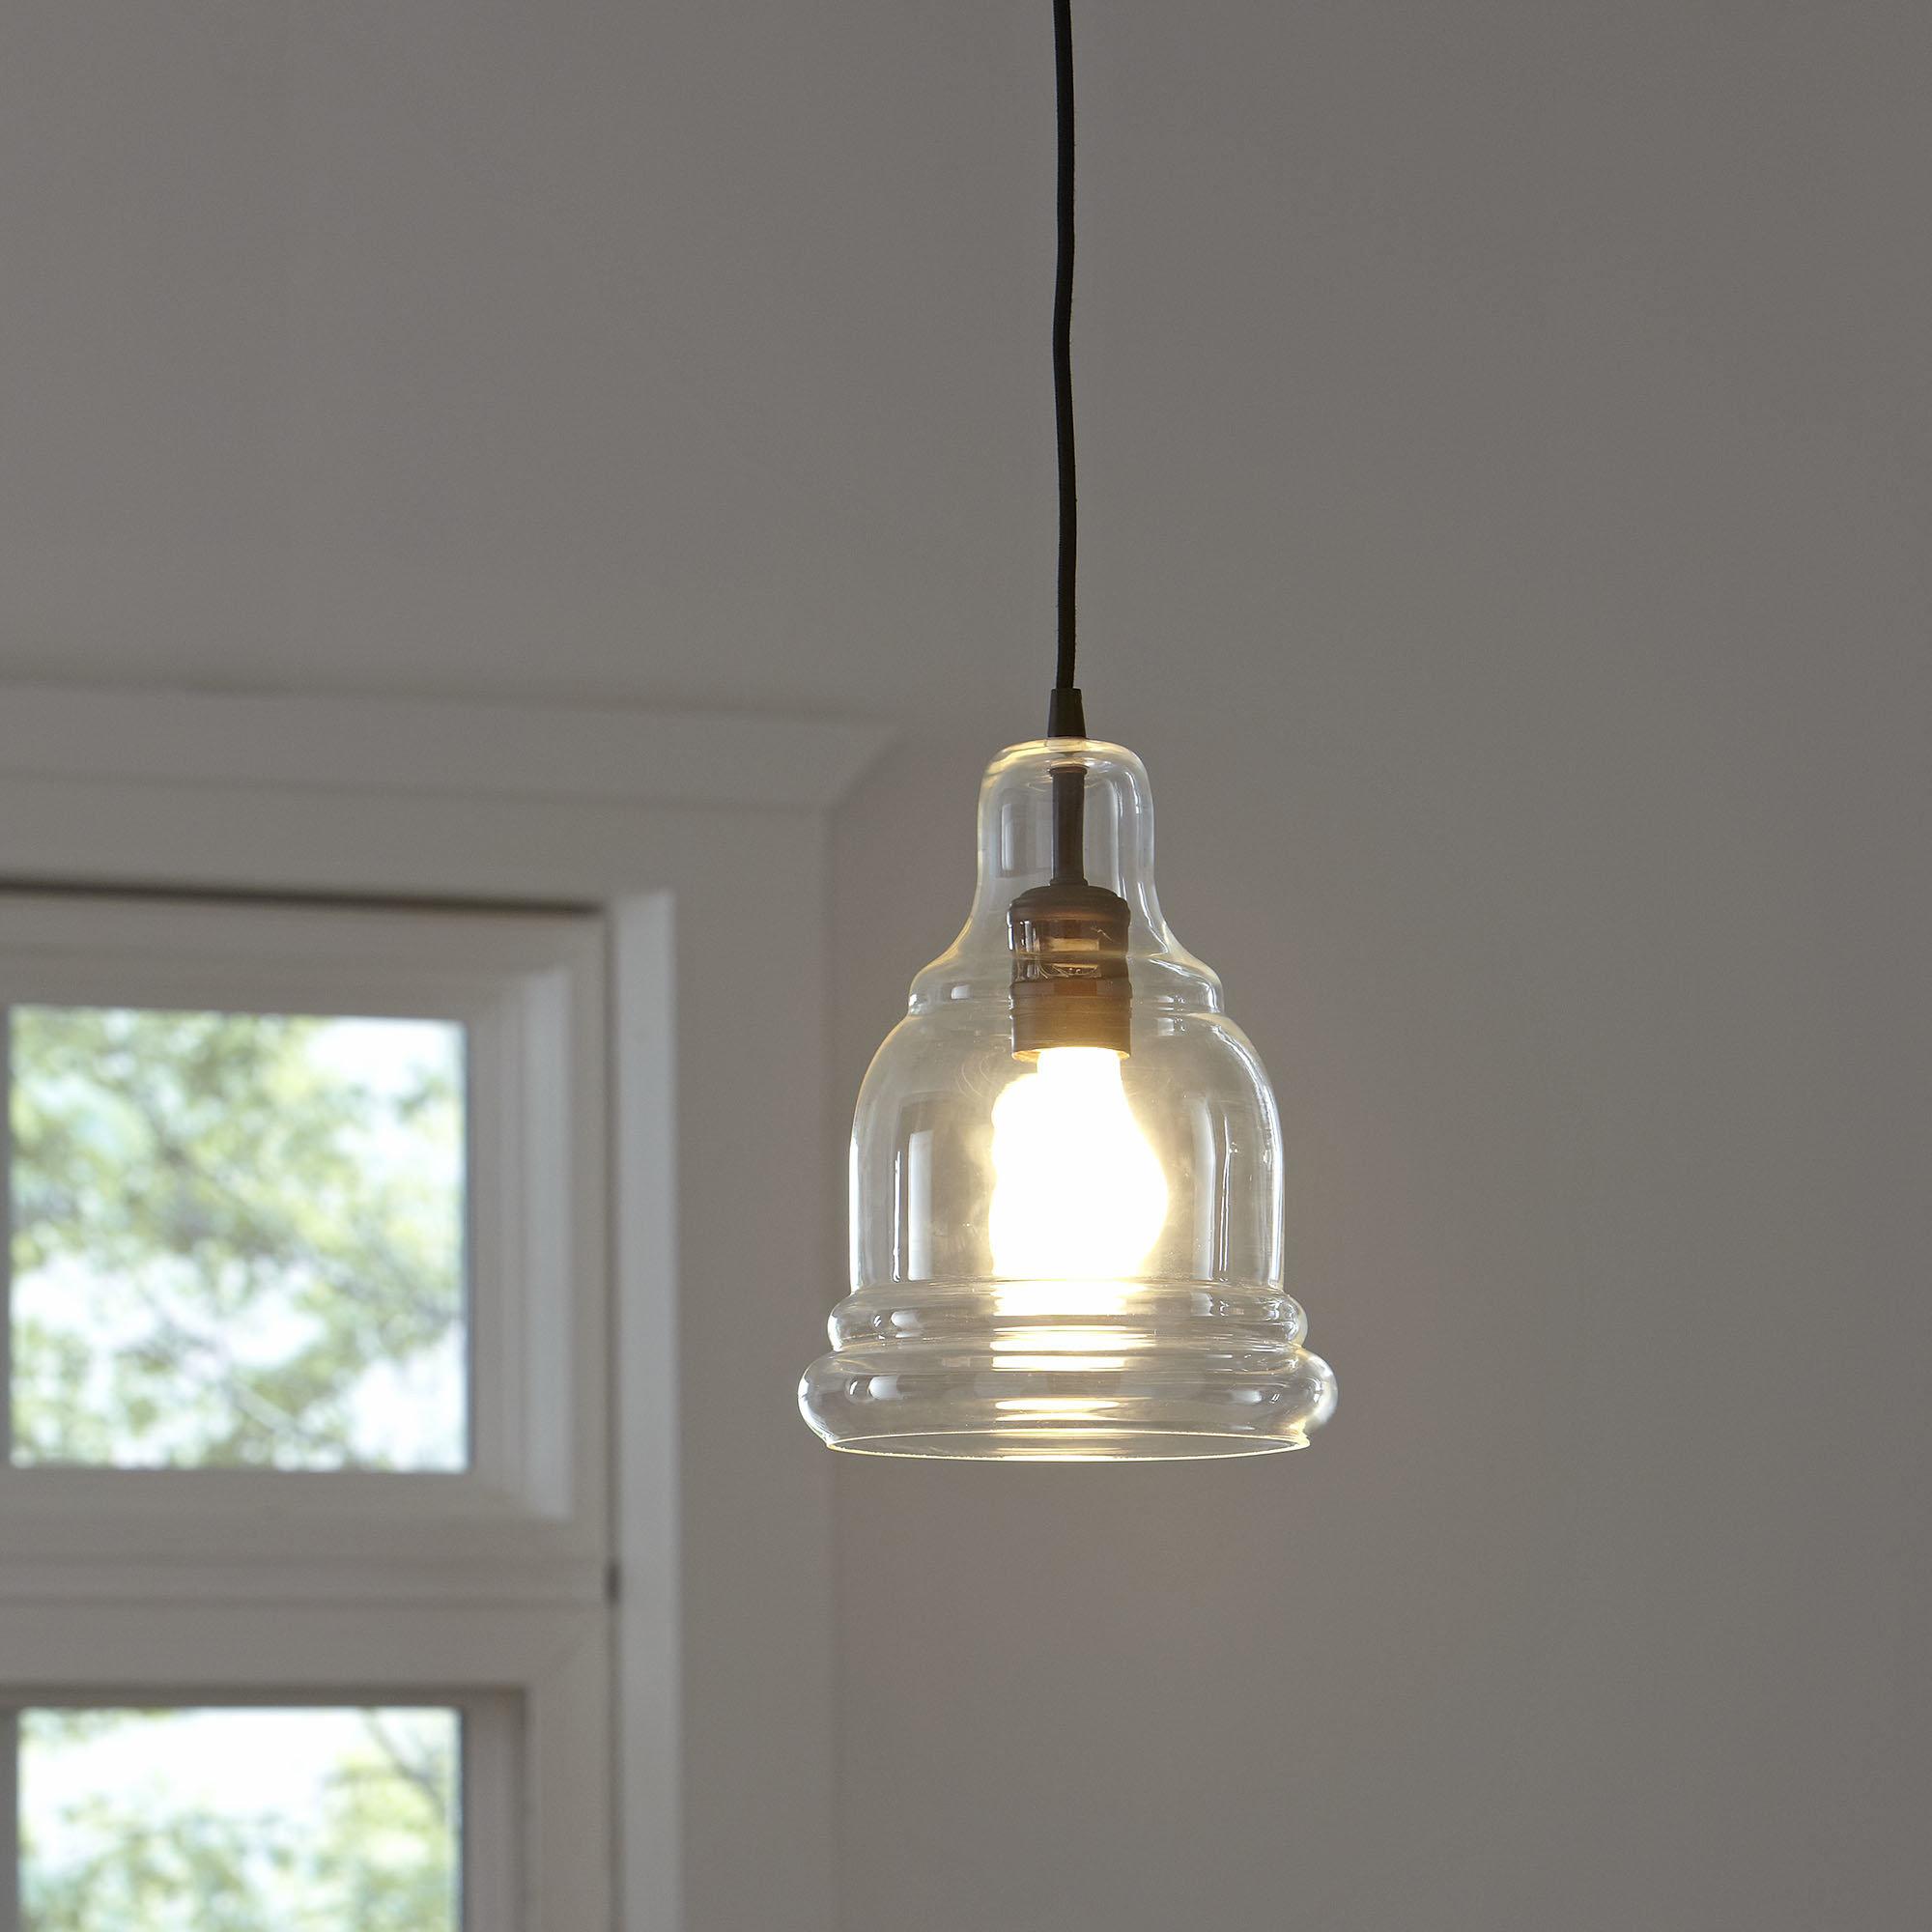 Rafaello Edison 1 Light Bell Pendant Within Fresno Dome 1 Light Bell Pendants (Gallery 12 of 30)